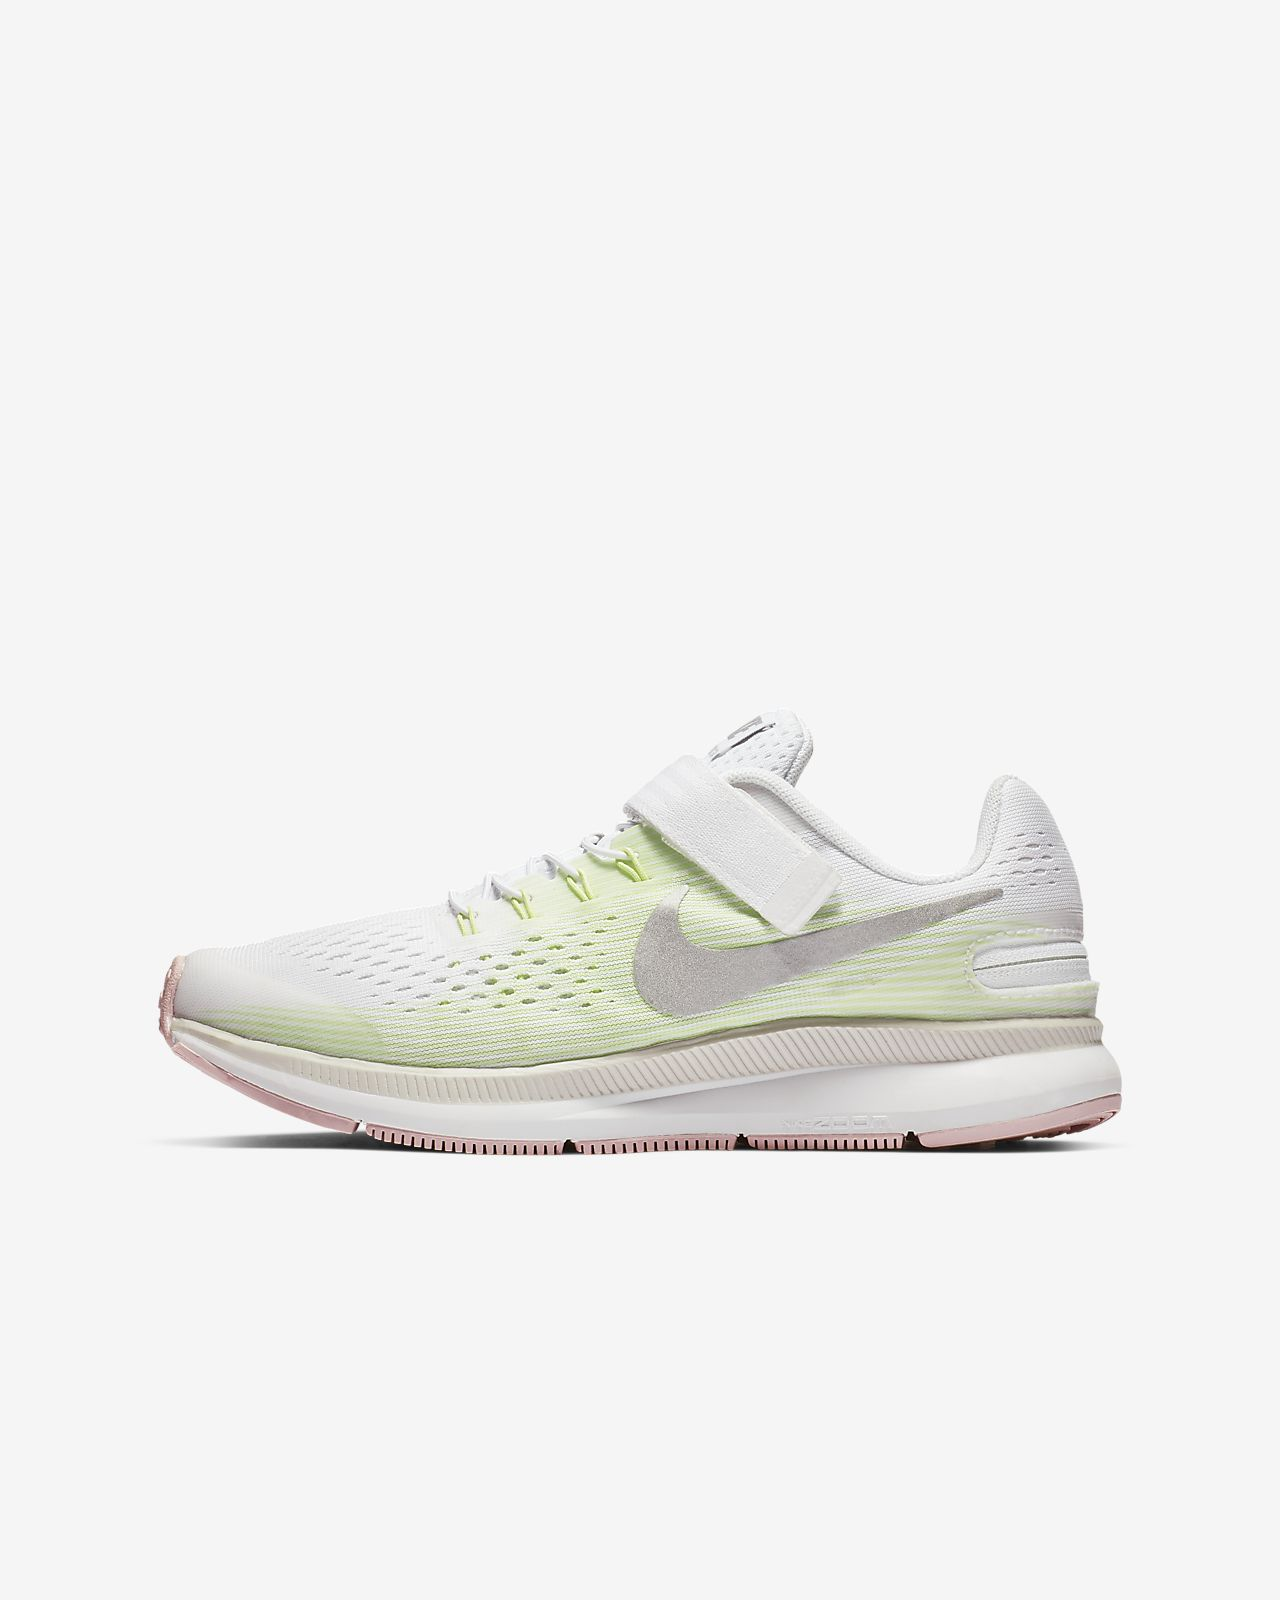 Löparsko Nike Zoom Pegasus 34 FlyEase för barn/ungdom